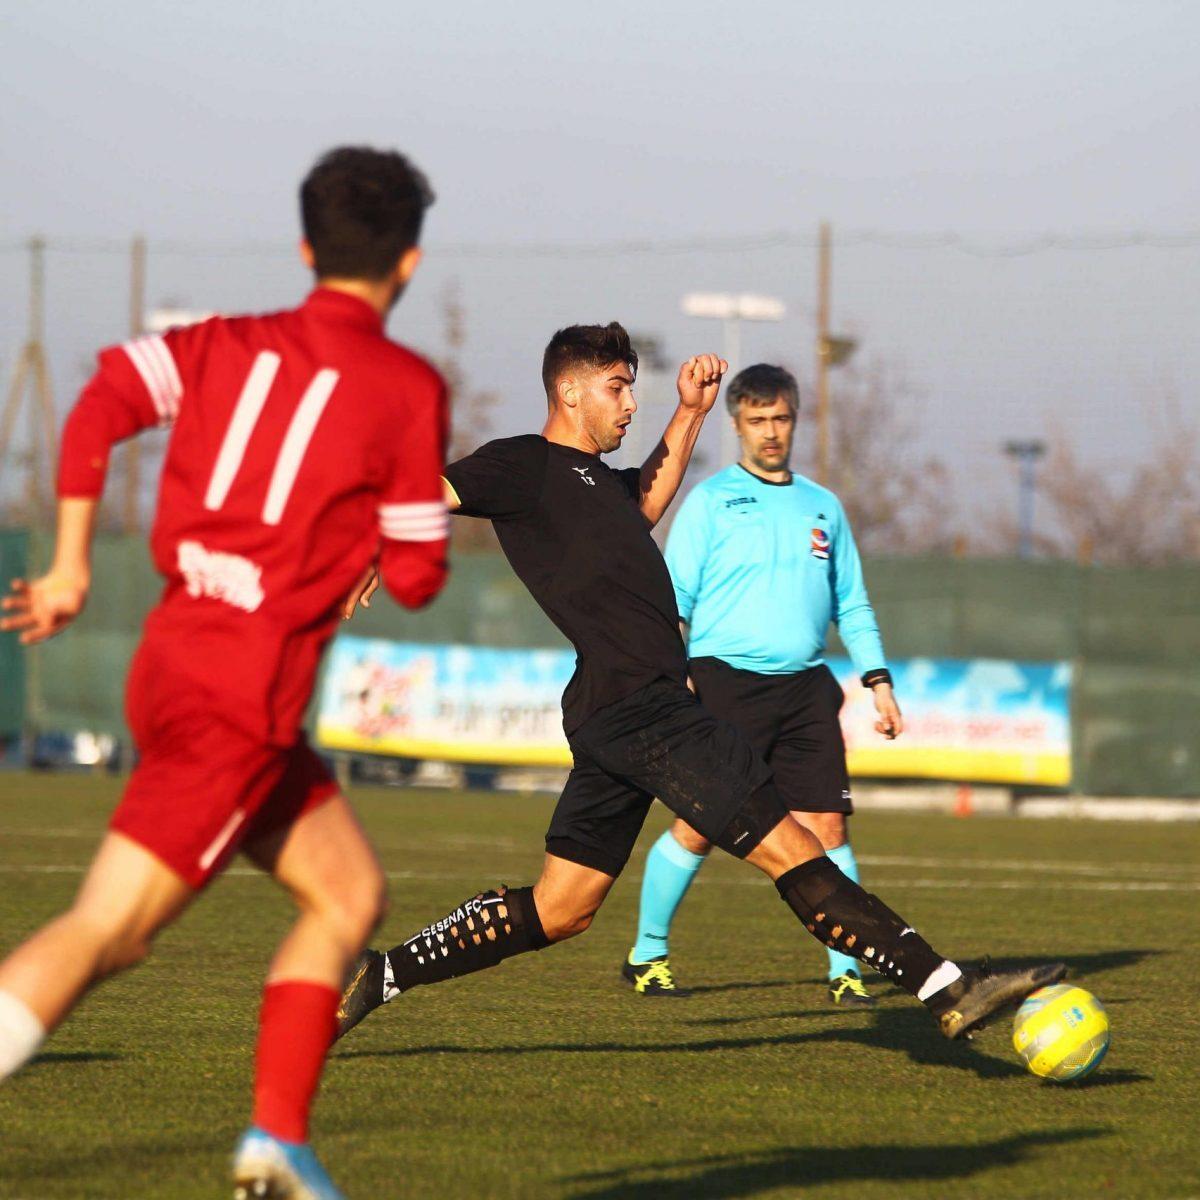 Calcio, il Cesena supera 5-0 il Diegaro in amichevole